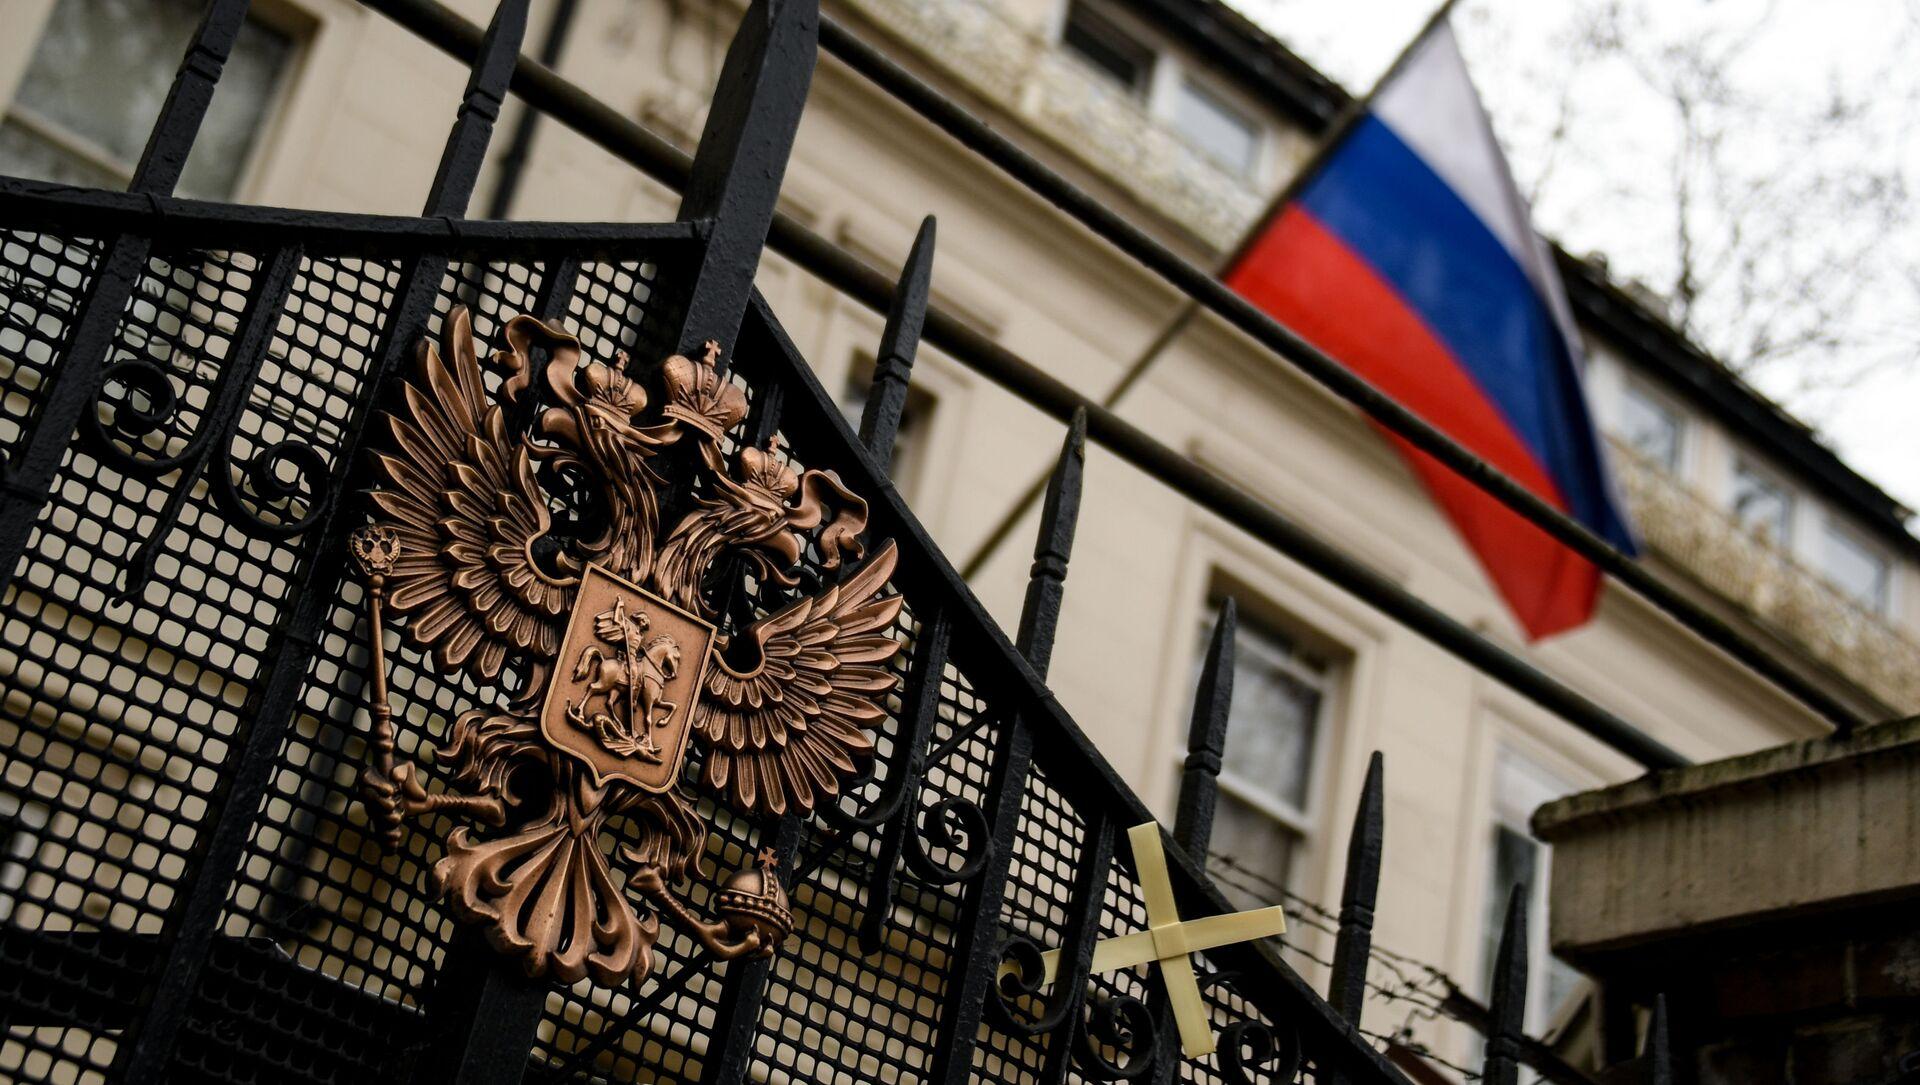 Ruský erb na bráně ruského velvyslanectví v Londýně - Sputnik Česká republika, 1920, 22.03.2021